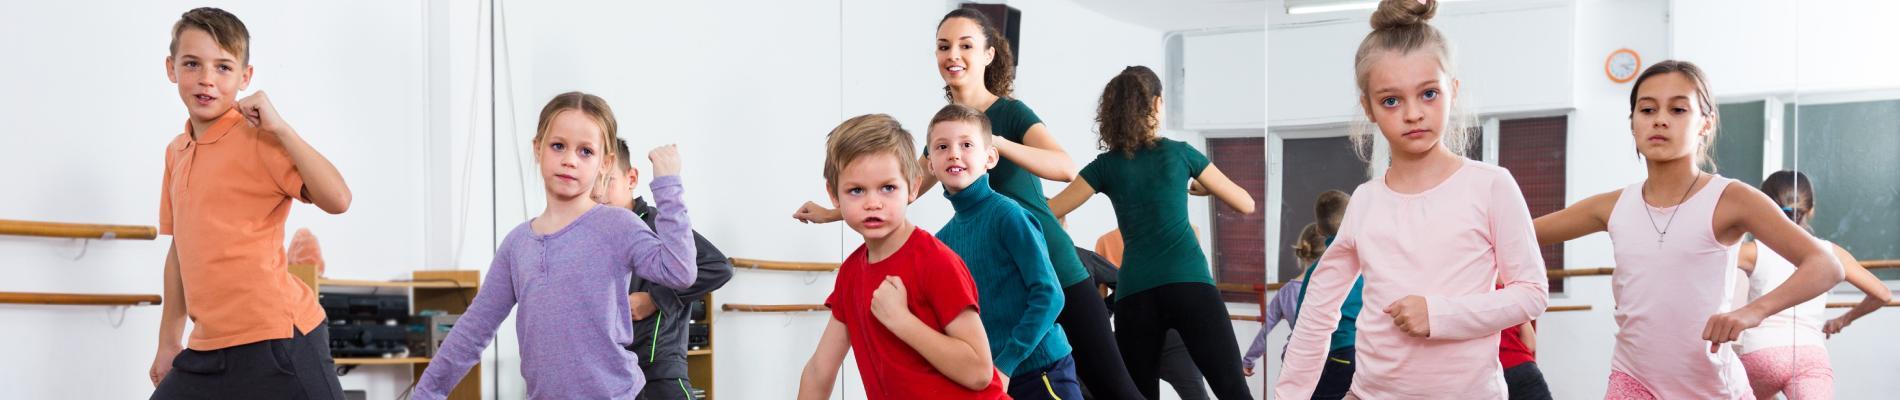 La santé des enfants par l'activité physique : Attitude Prévention partenaire d'Actibloom